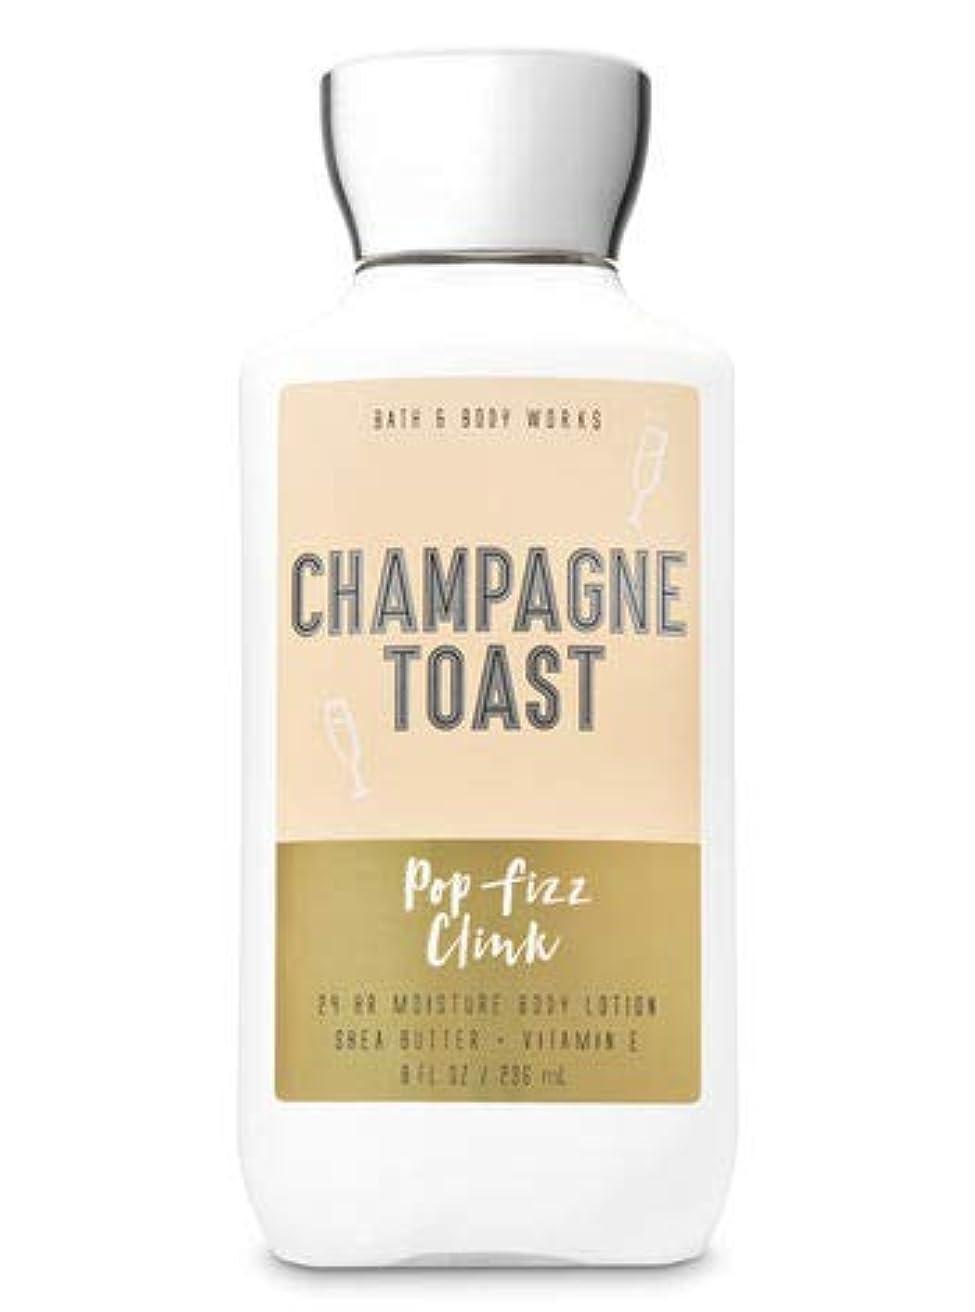 マイルド創傷ピグマリオン【Bath&Body Works/バス&ボディワークス】 ボディローション シャンパントースト Super Smooth Body Lotion Champagne Toast 8 fl oz / 236 mL [並行輸入品]